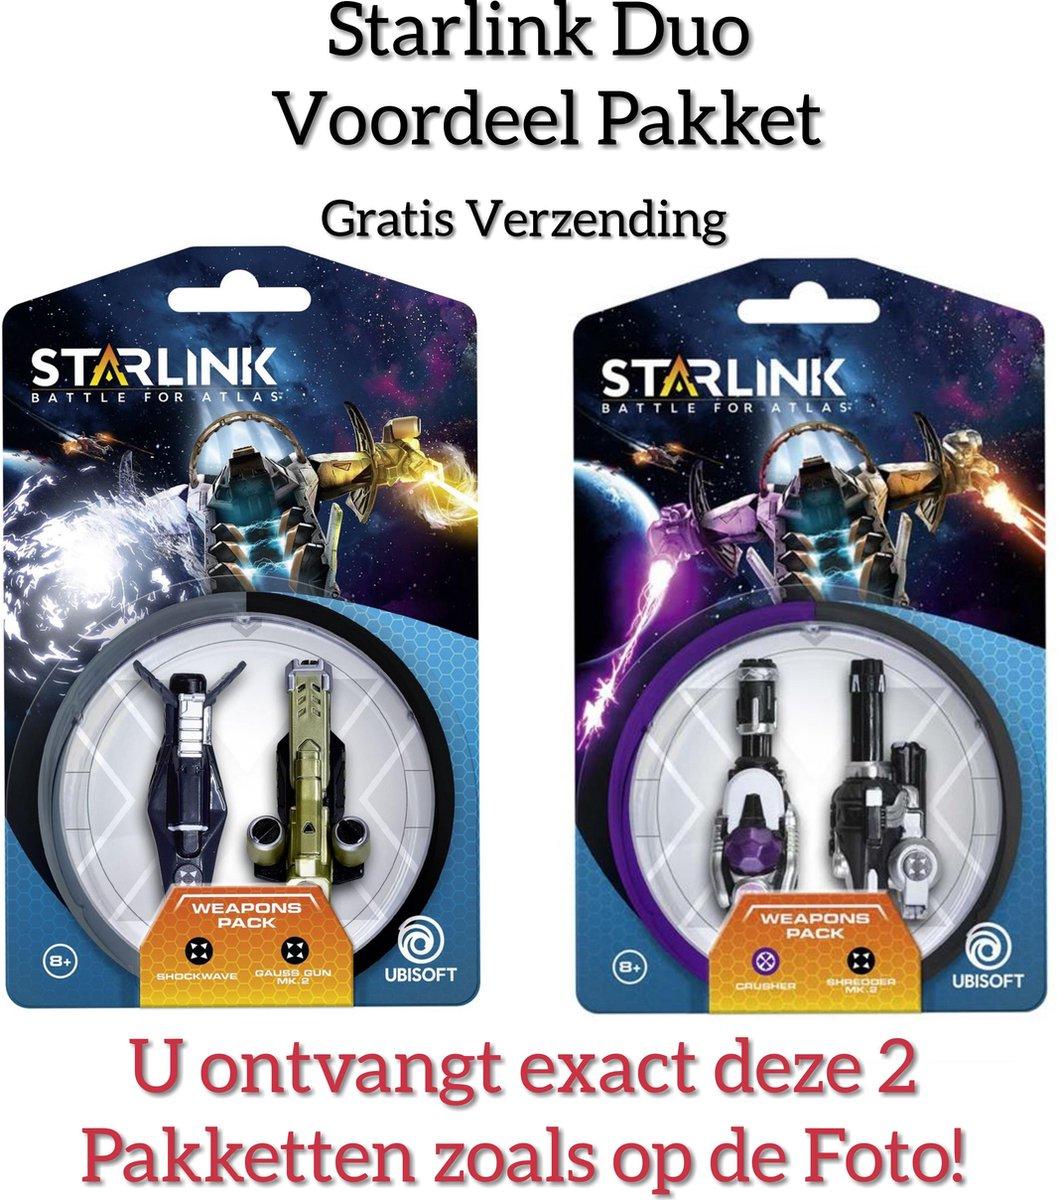 Voordeel Duo Pakket - Starlink: Battle for Atlas /Shockwave / Gauss Gun / Crusher / Shredder Mk.2/ Weapons Pack (GRATIS VERZENDING) kopen